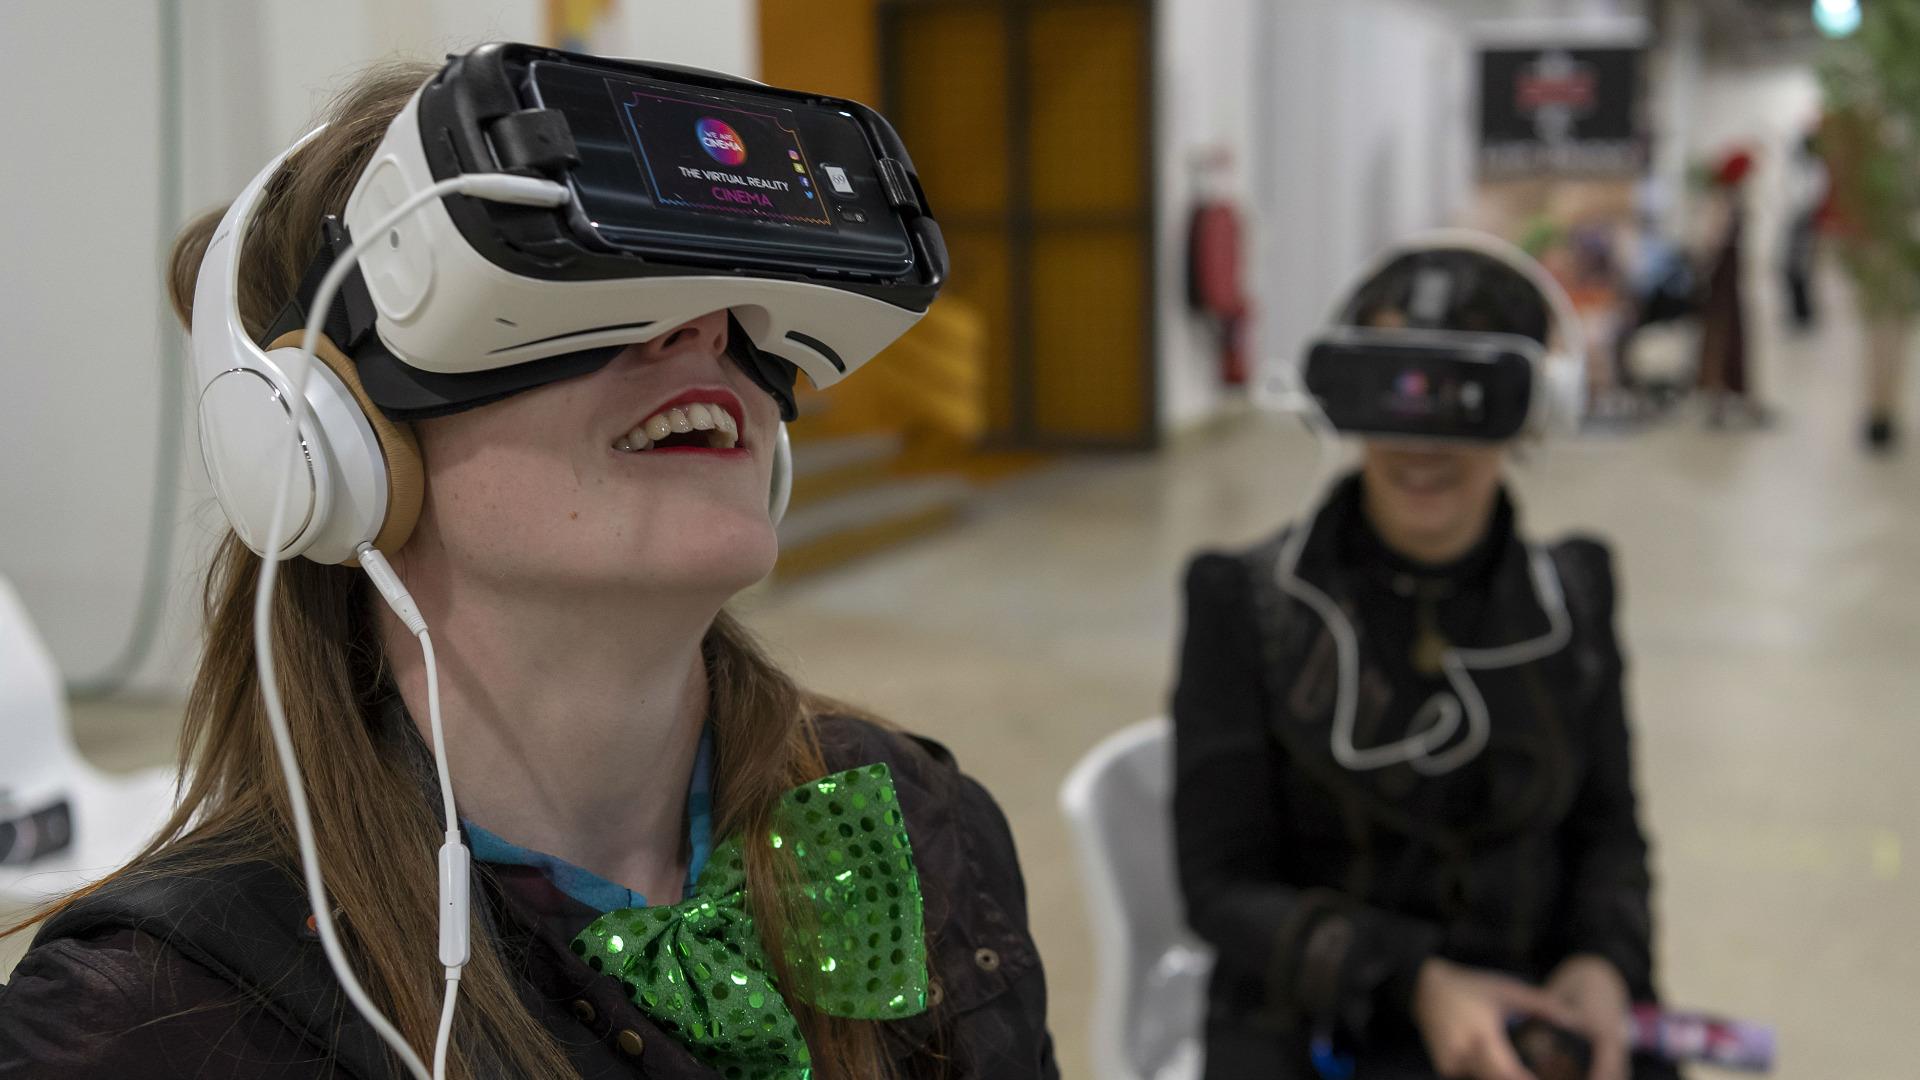 Някои вече крачат с усмивка към виртуалната реалност